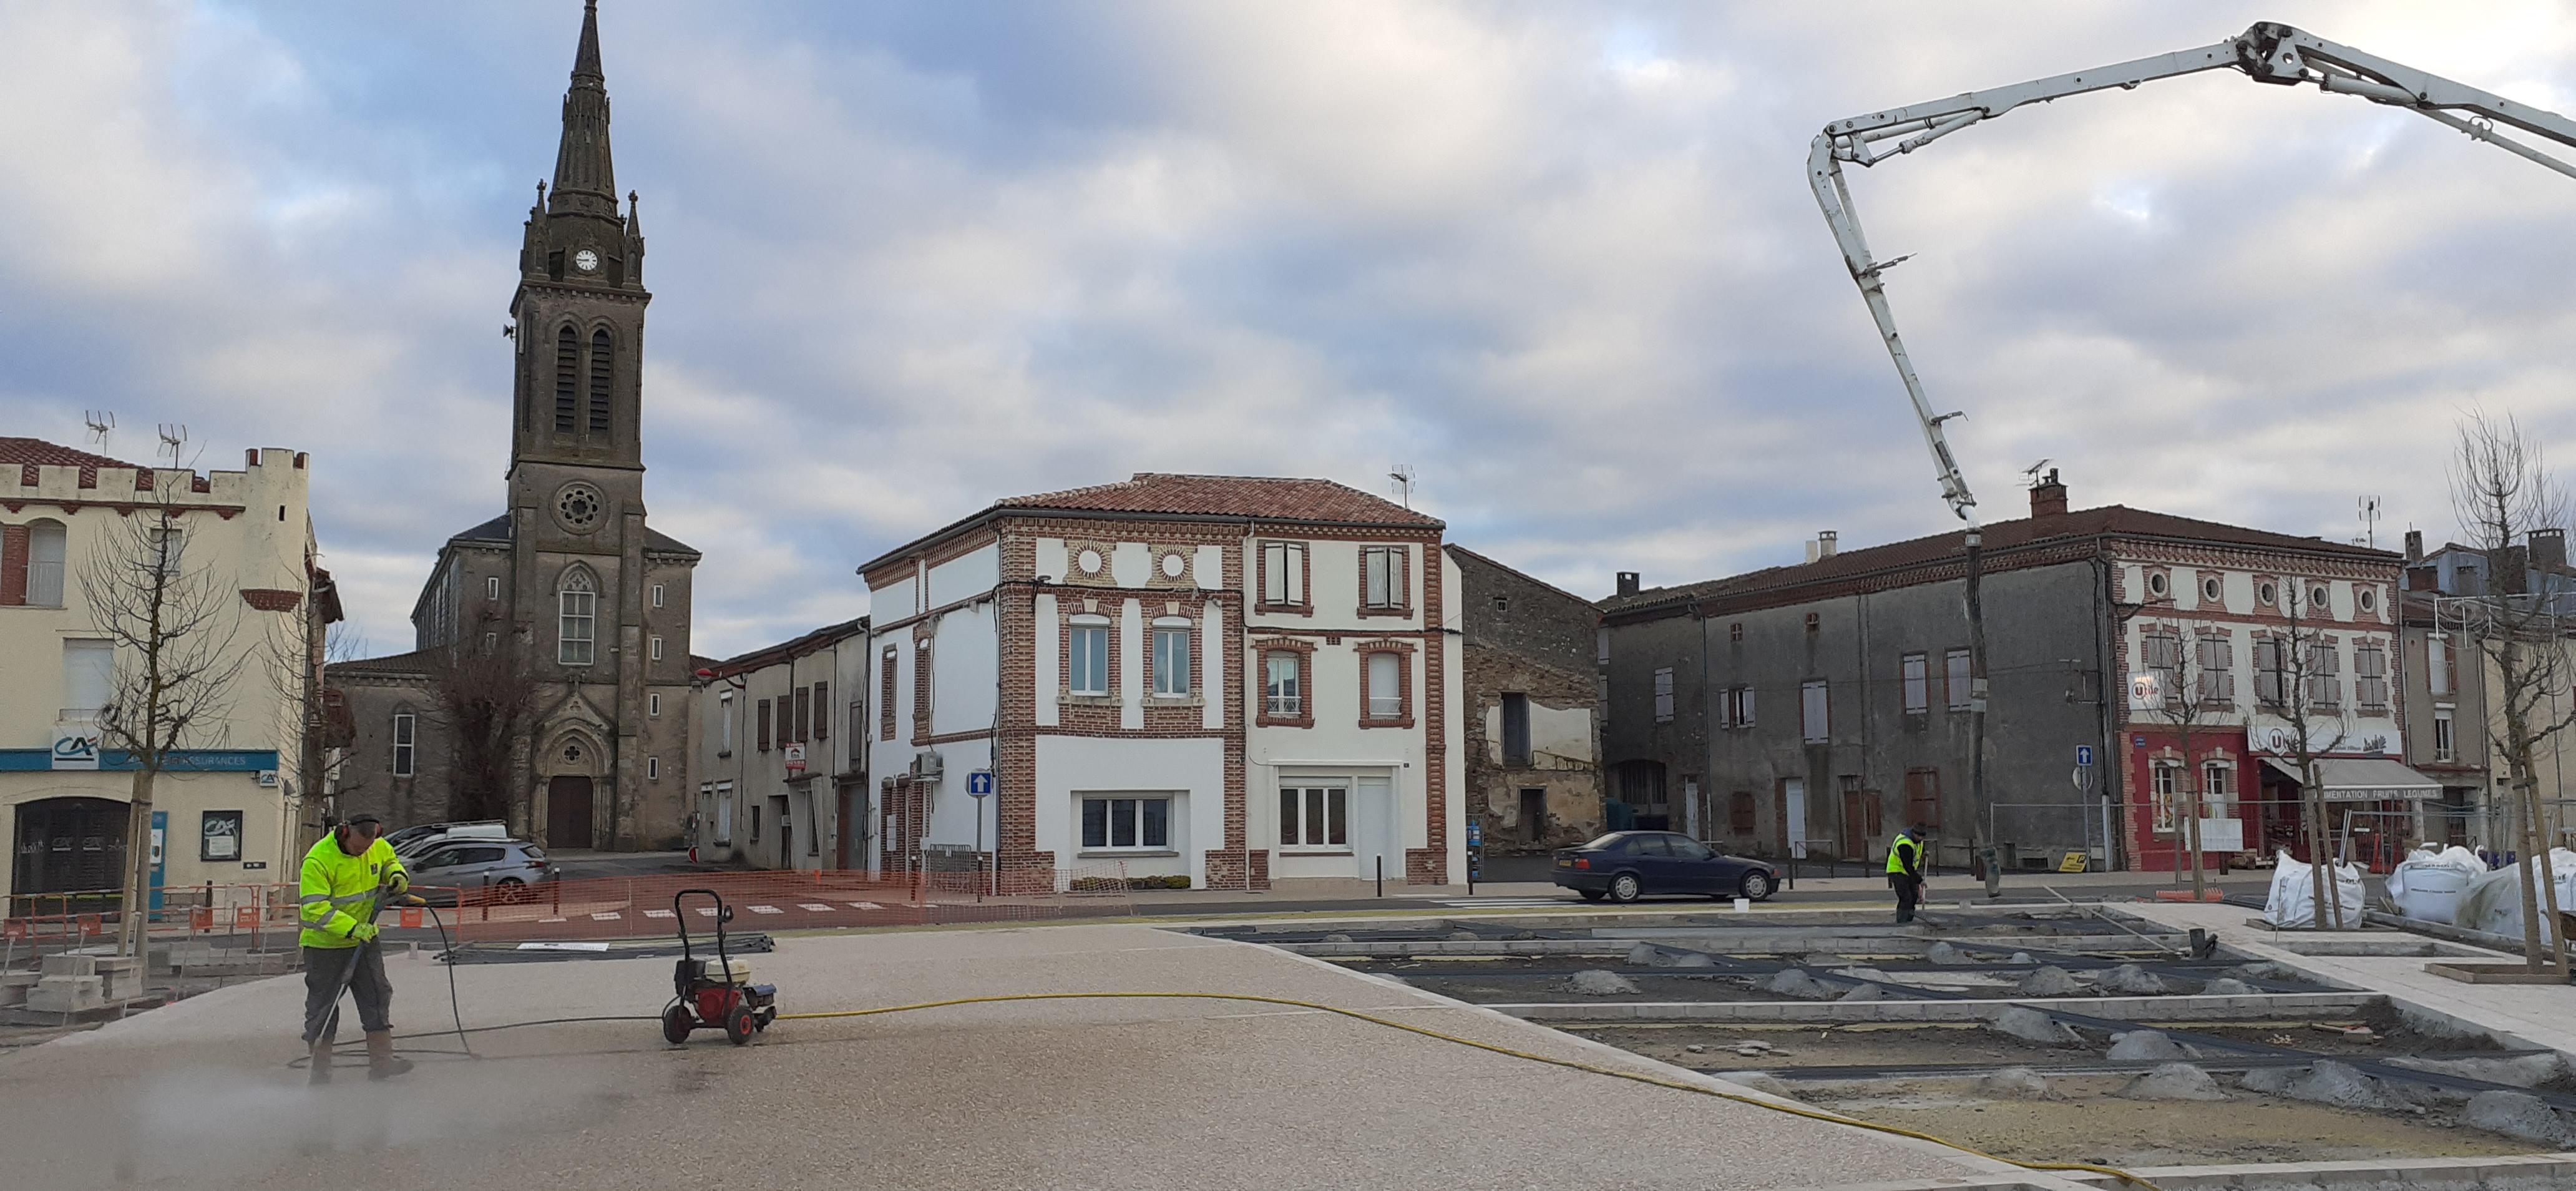 Chantier aménagement place Bascule 5 février 2020 2